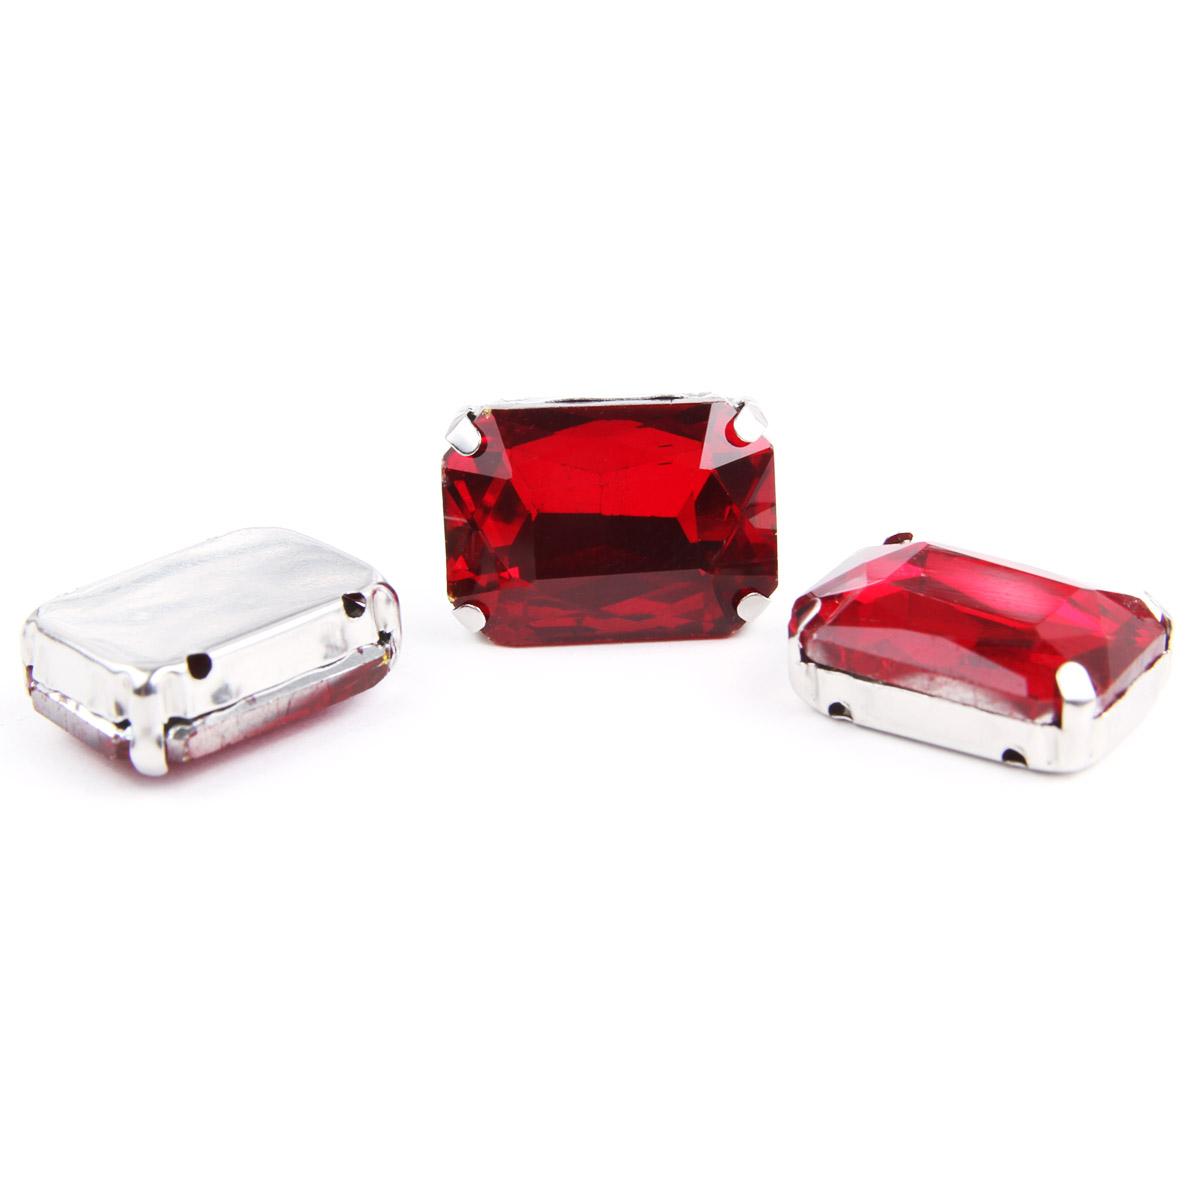 ПЦ003НН1318 Хрустальные стразы в цапах прямоугольные (серебро) красный 13*18мм, 3шт/упак Астра